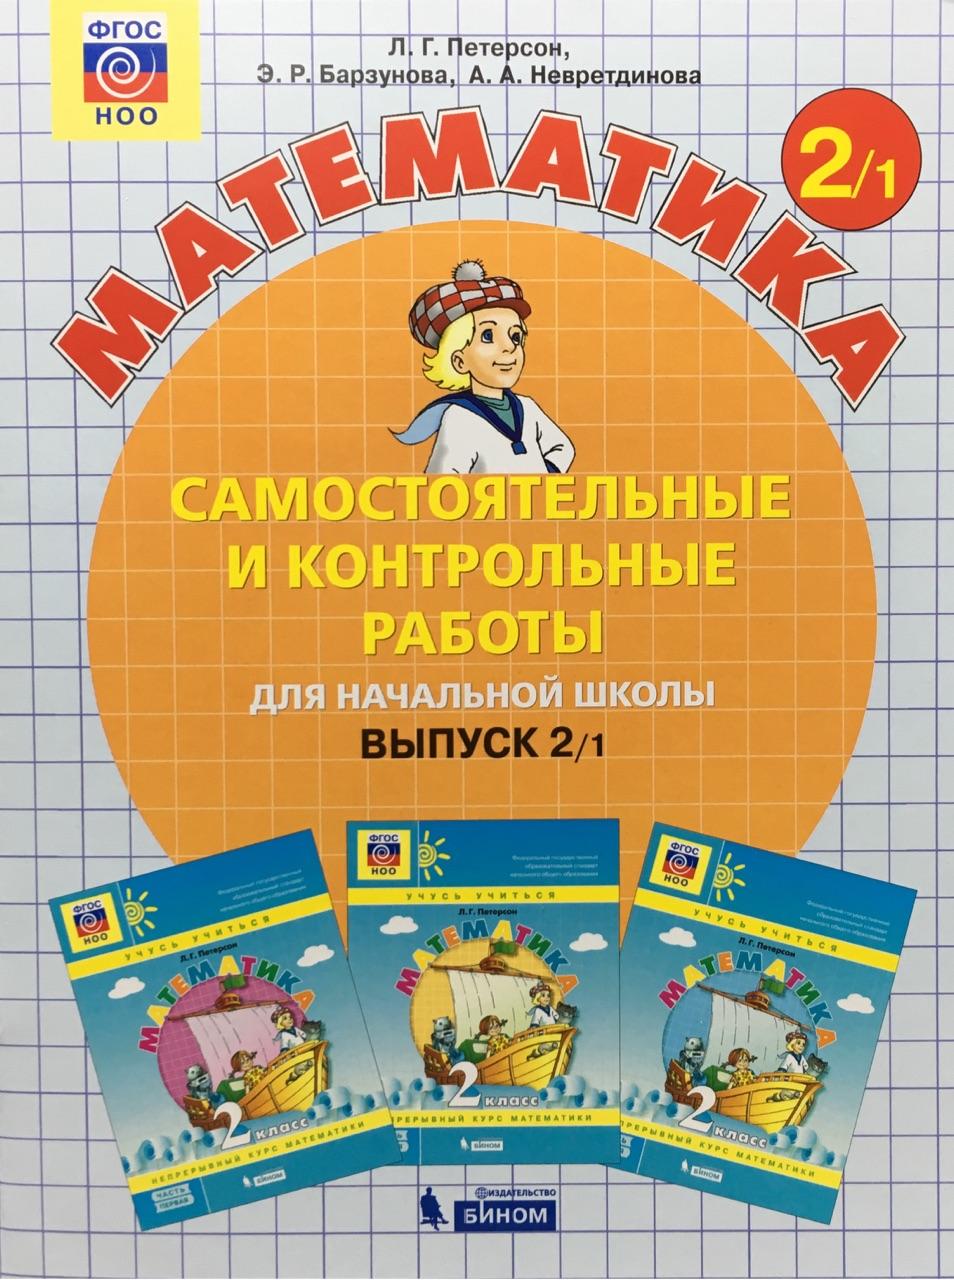 Самостоятельные и контр. работы по матем.: Вып. 2: В 2 ч.: Ч.1